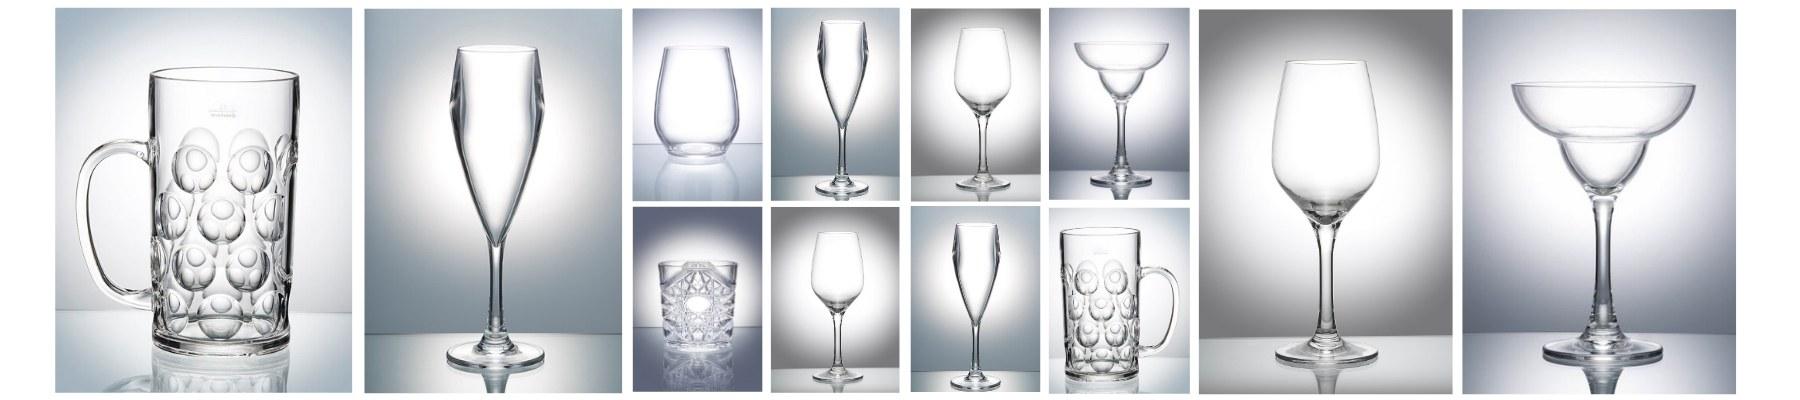 Plastic Glasses II